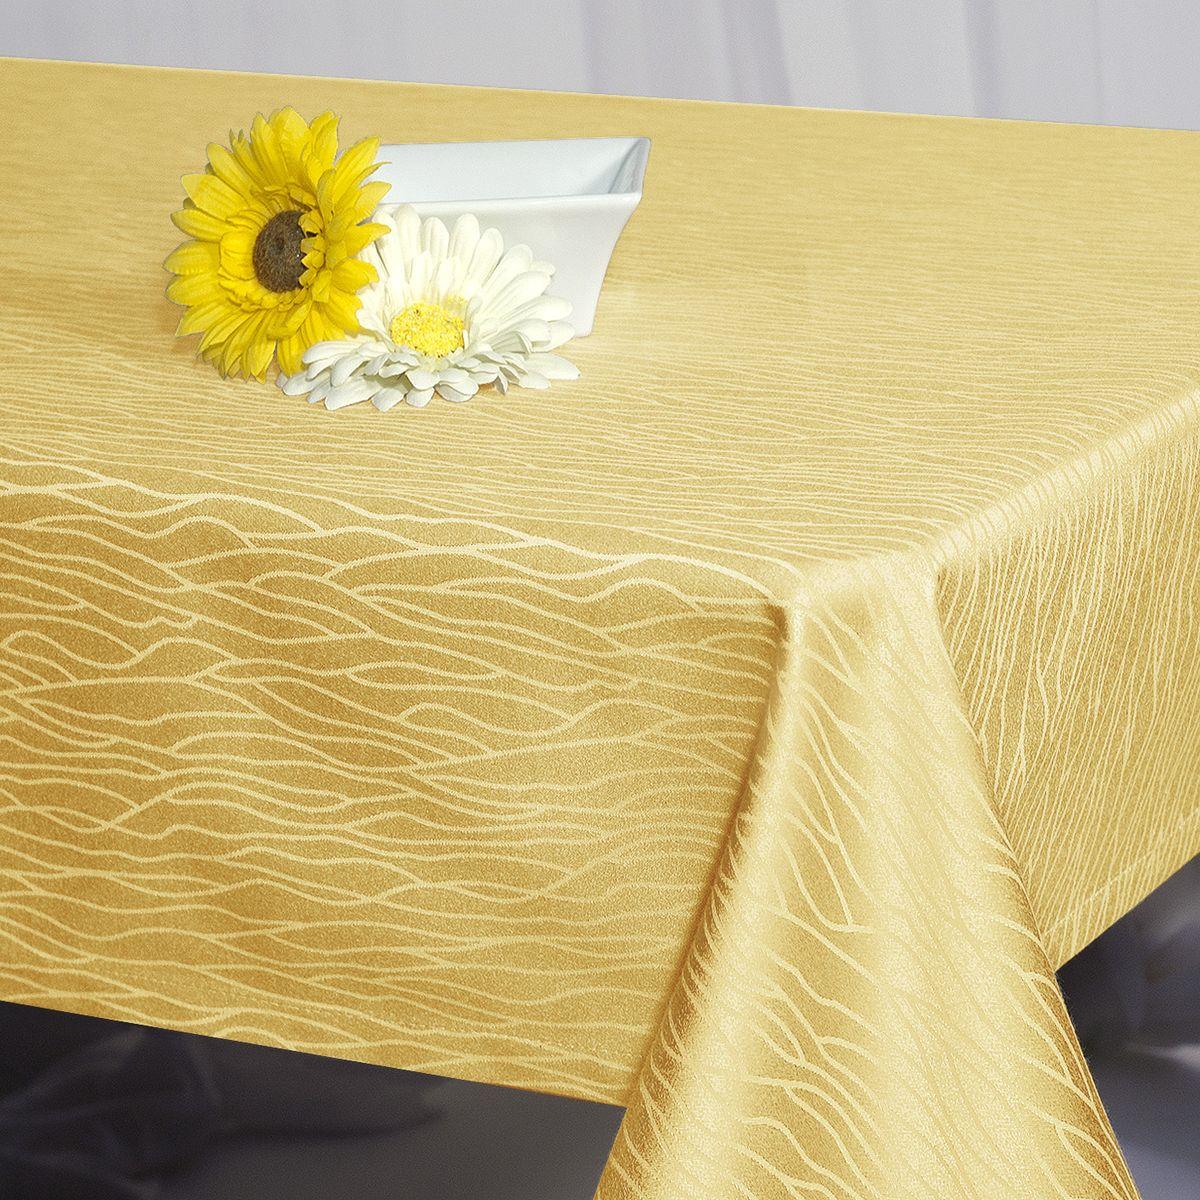 Скатерть Schaefer, прямоугольная, цвет: желтый, 130 x 170 см. 07424-42907424-429Стильная скатерть Schaefer выполнена из полиэстера и хлопка.Изделия из полиэстера легко стирать: они не мнутся, не садятся и быстро сохнут, они более долговечны, чем изделия из натуральных волокон.Немецкая компания Schaefer создана в 1921 году. На протяжении всего времени существования она создает уникальные коллекции домашнего текстиля для гостиных, спален, кухонь и ванных комнат. Дизайнерские идеи немецких художников компании Schaefer воплощаются в текстильных изделиях, которые сделают ваш дом красивее и уютнее и не останутся незамеченными вашими гостями. Дарите себе и близким красоту каждый день!